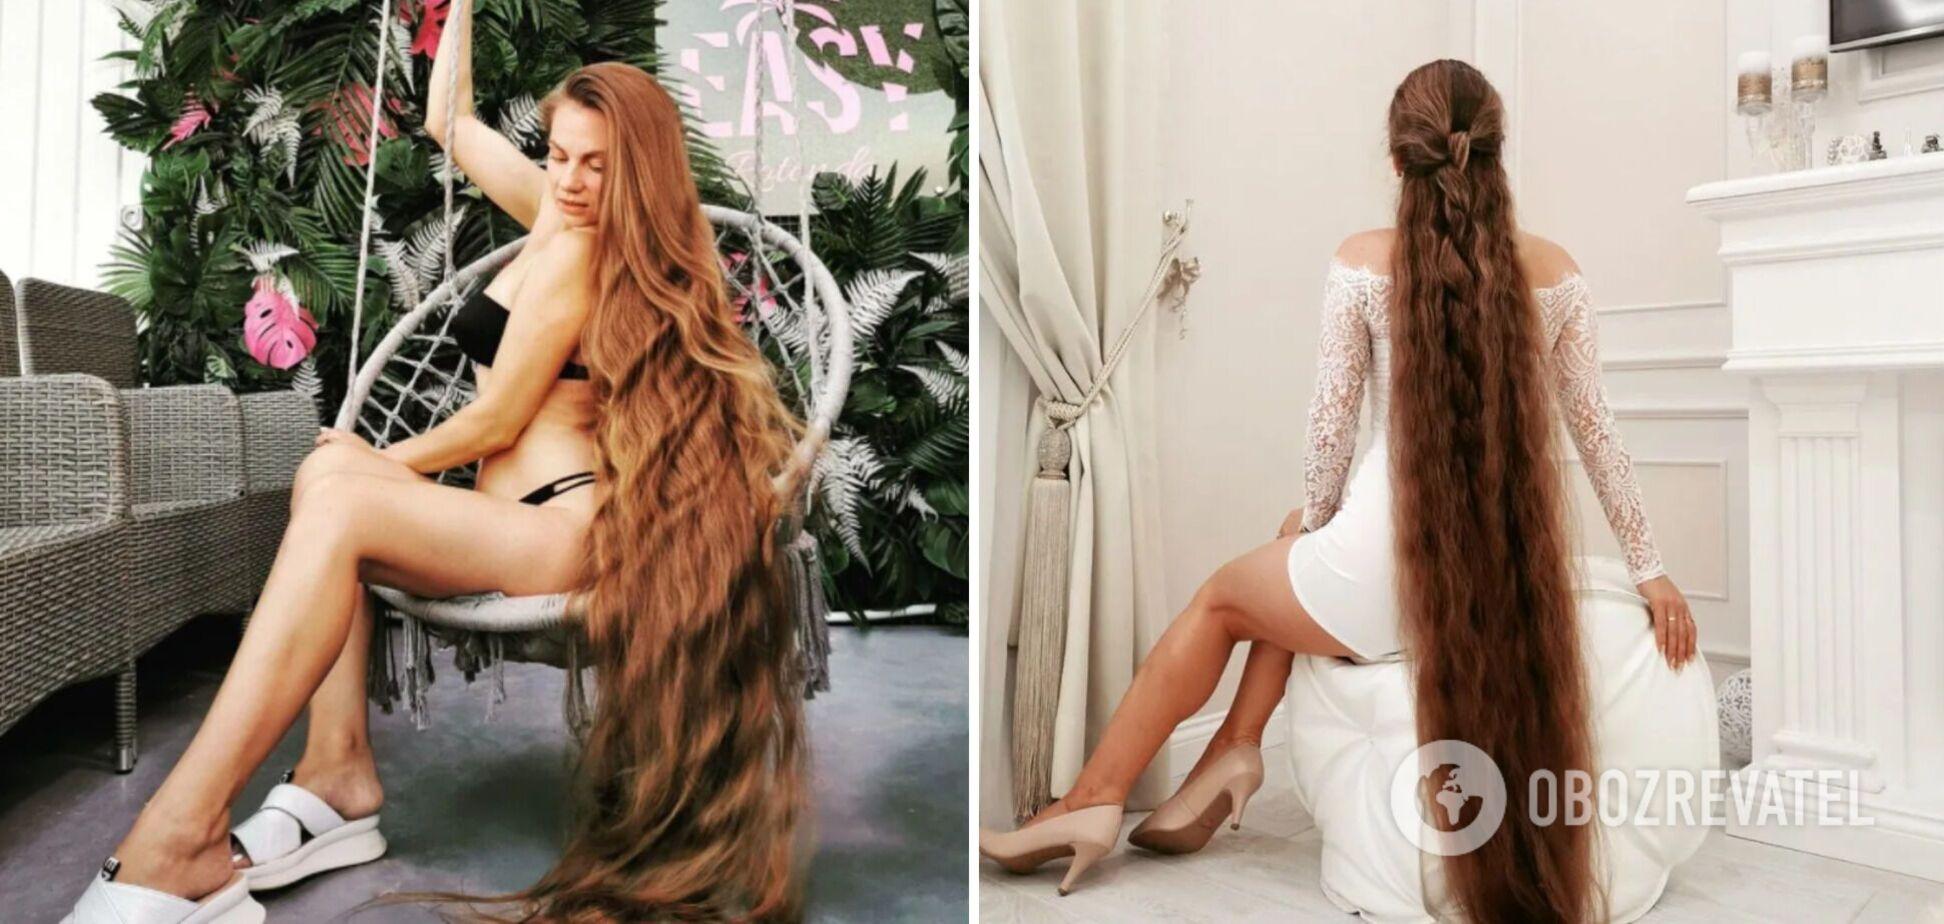 'Москвич хотел купить мои волосы за $5 тыс. долларов': как живет украинка с аномальной шевелюрой. Интервью